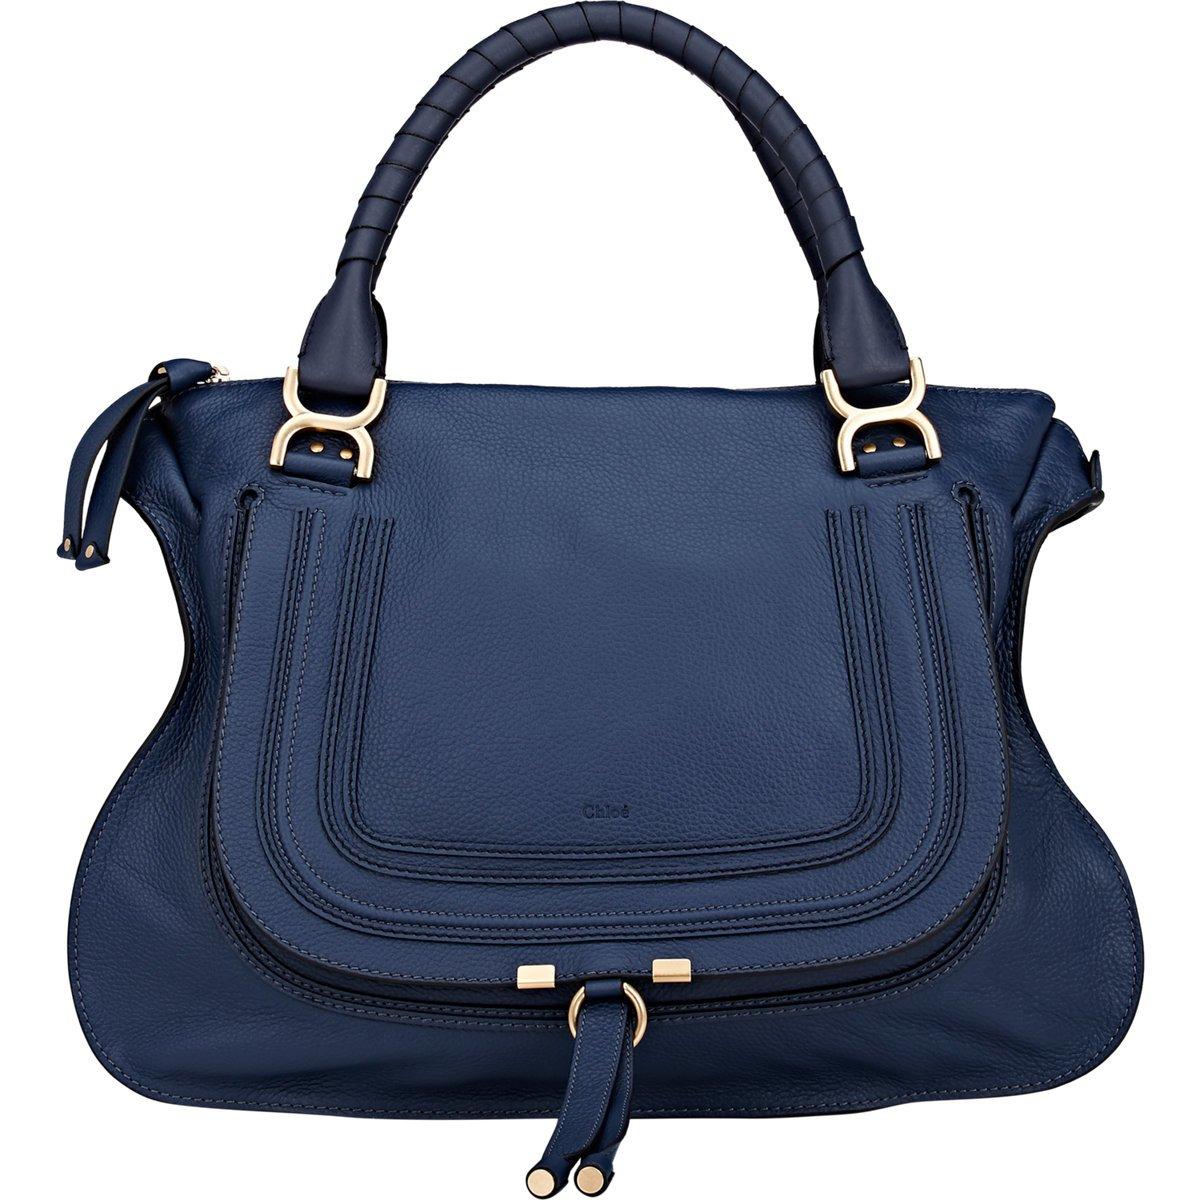 chlo marcie large satchel in blue lyst. Black Bedroom Furniture Sets. Home Design Ideas